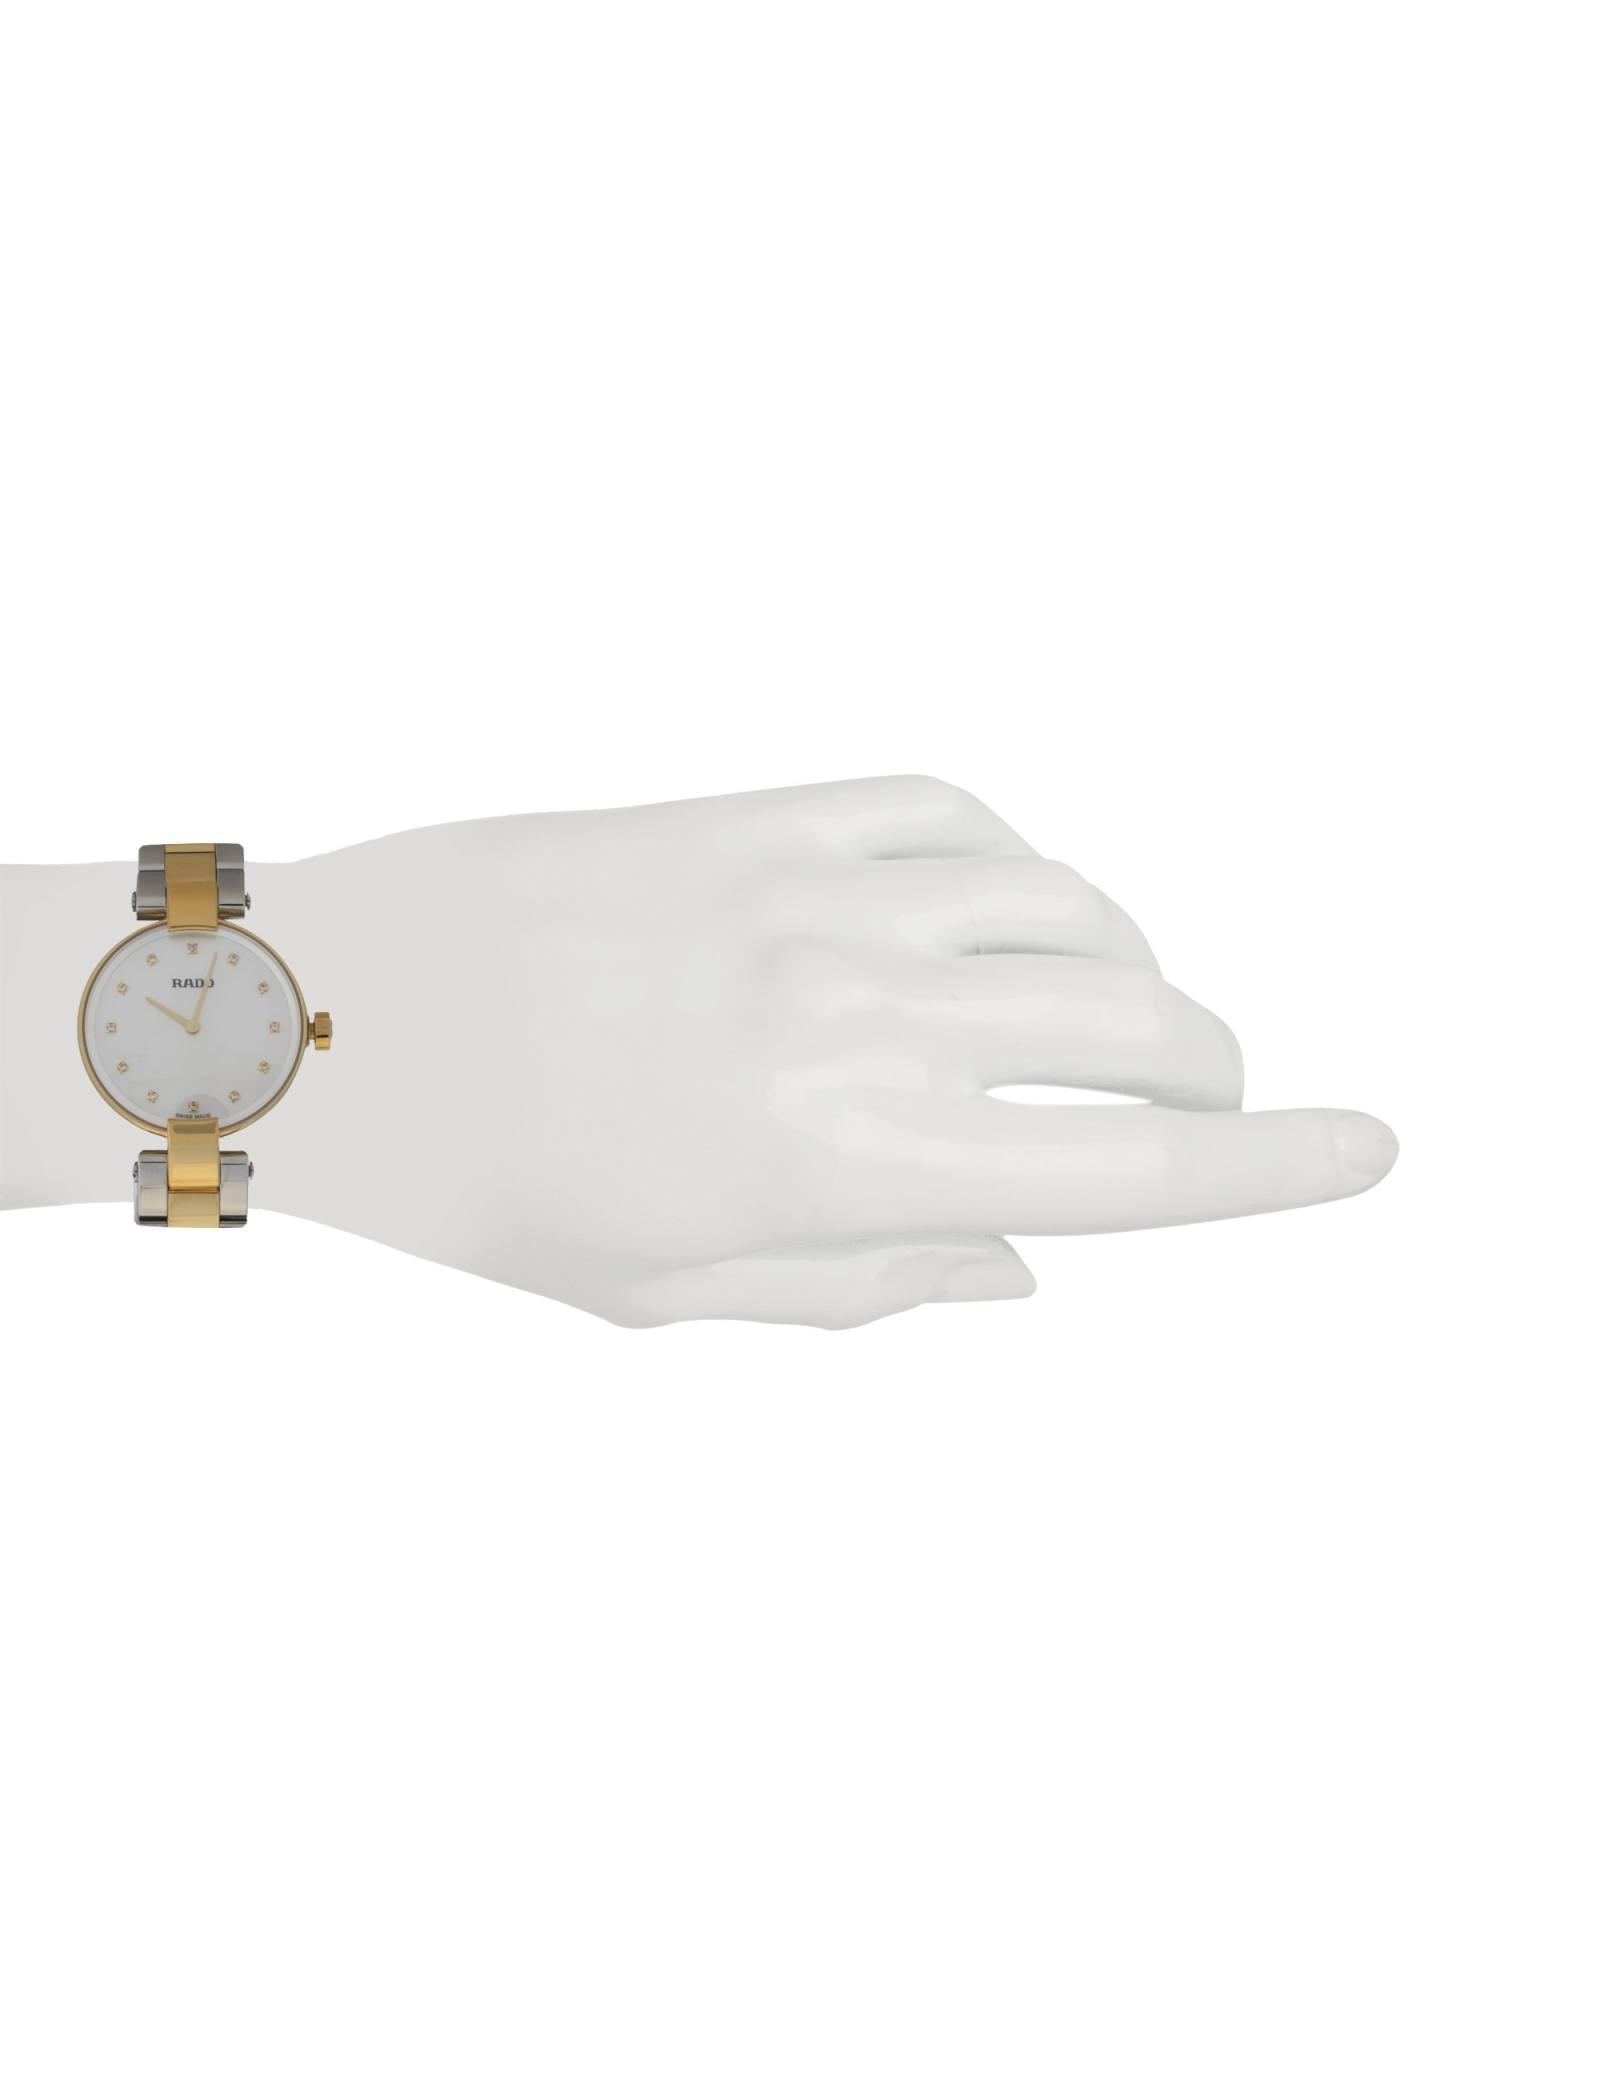 ساعت مچی عقربه ای زنانه - رادو - نقره اي و طلايي - 4